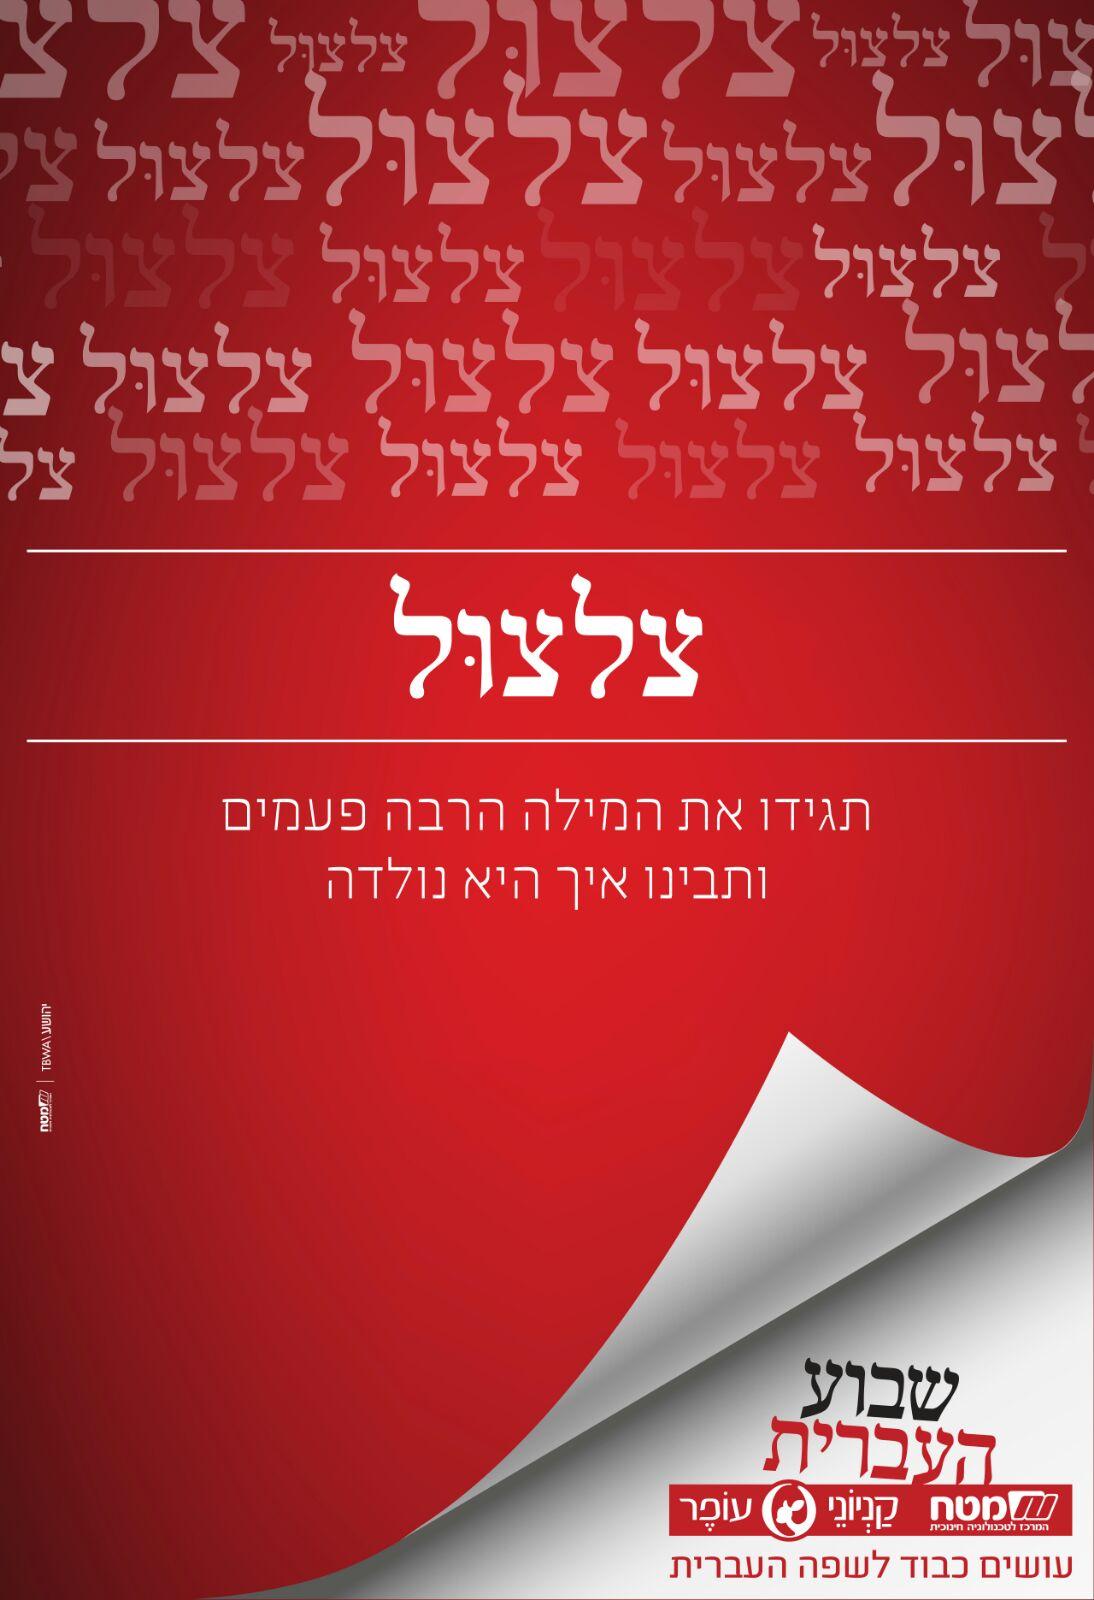 מסע פרסומי המציג את הצדדים המשעשעים של השפה העברית 10